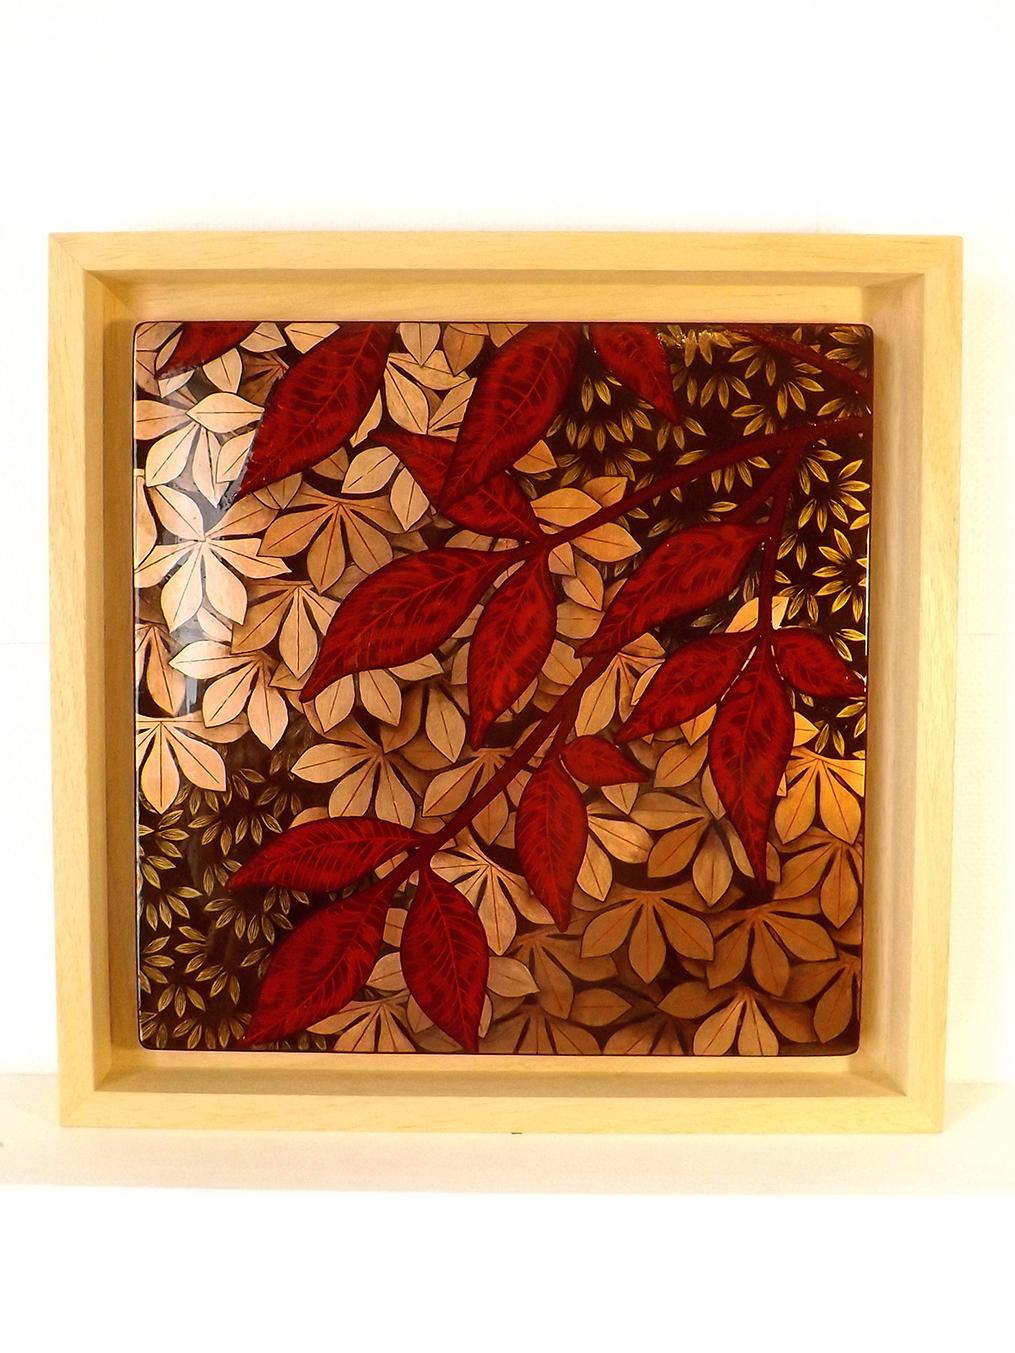 Jardin secret, 30x30 cm, 2020, laque sur bois avec pigments et bronzines